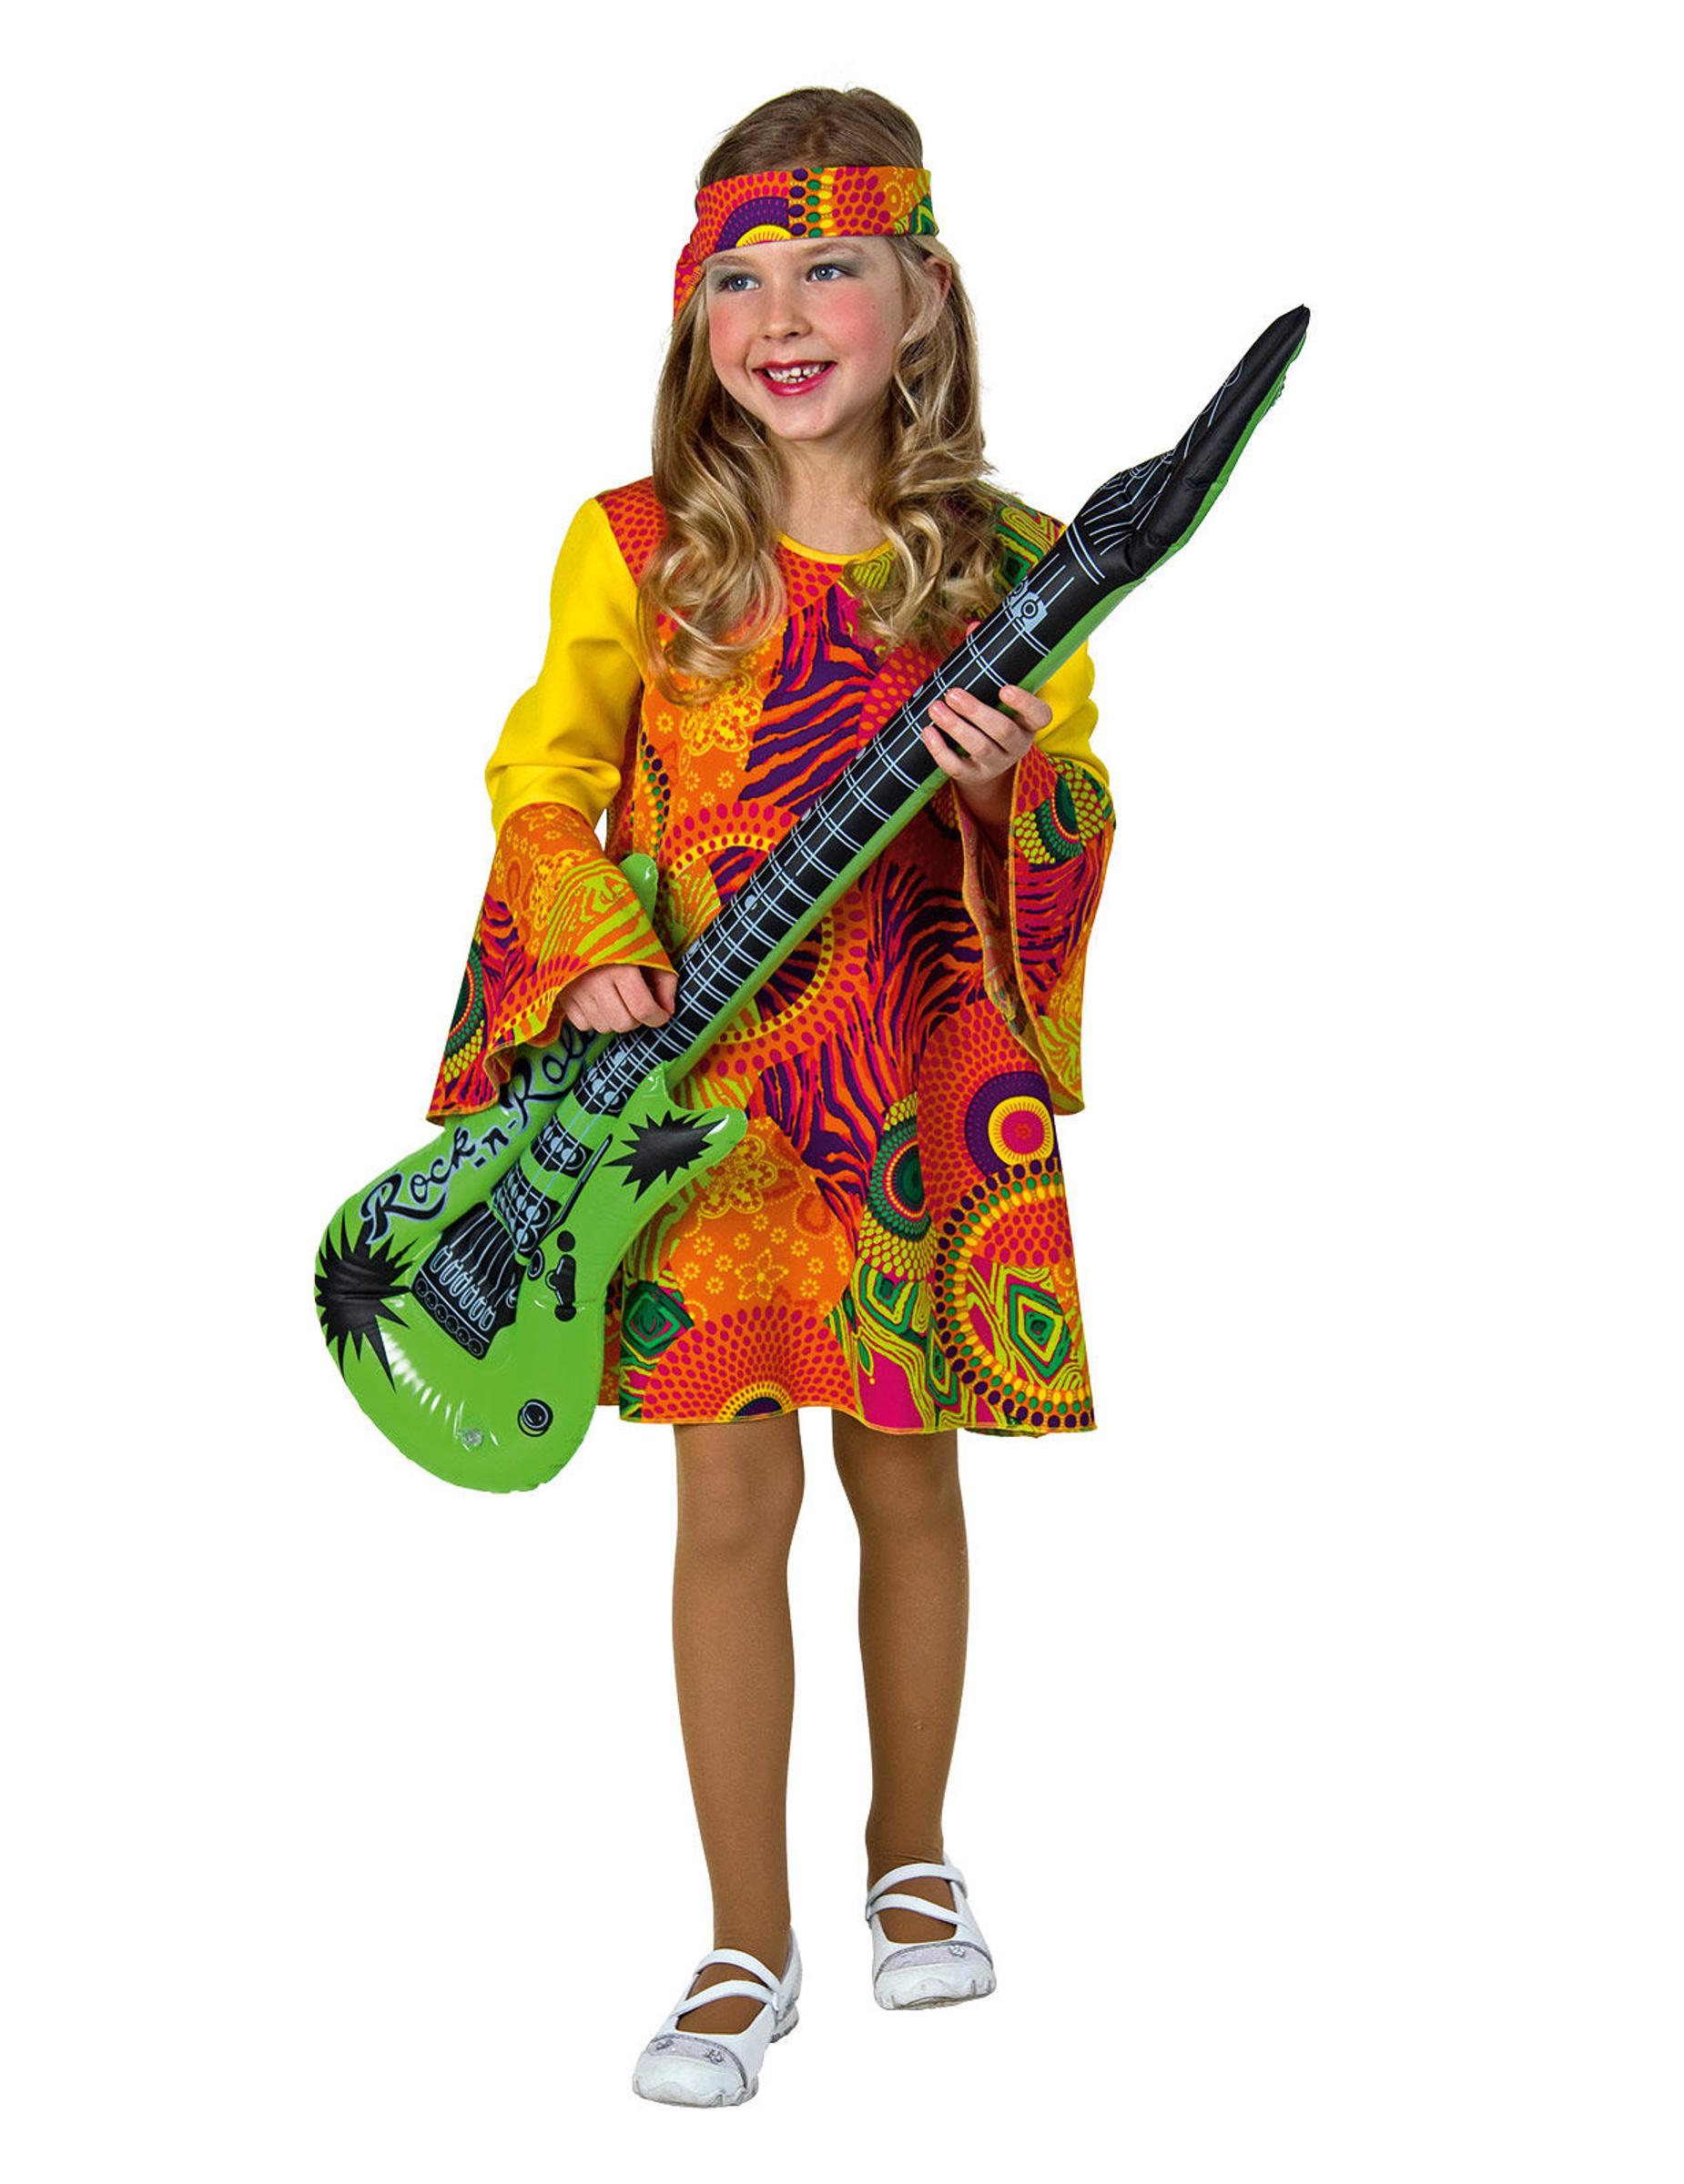 Costume Hippy per bambina Costumi bambinie vestiti di carnevale online - Vegaoo